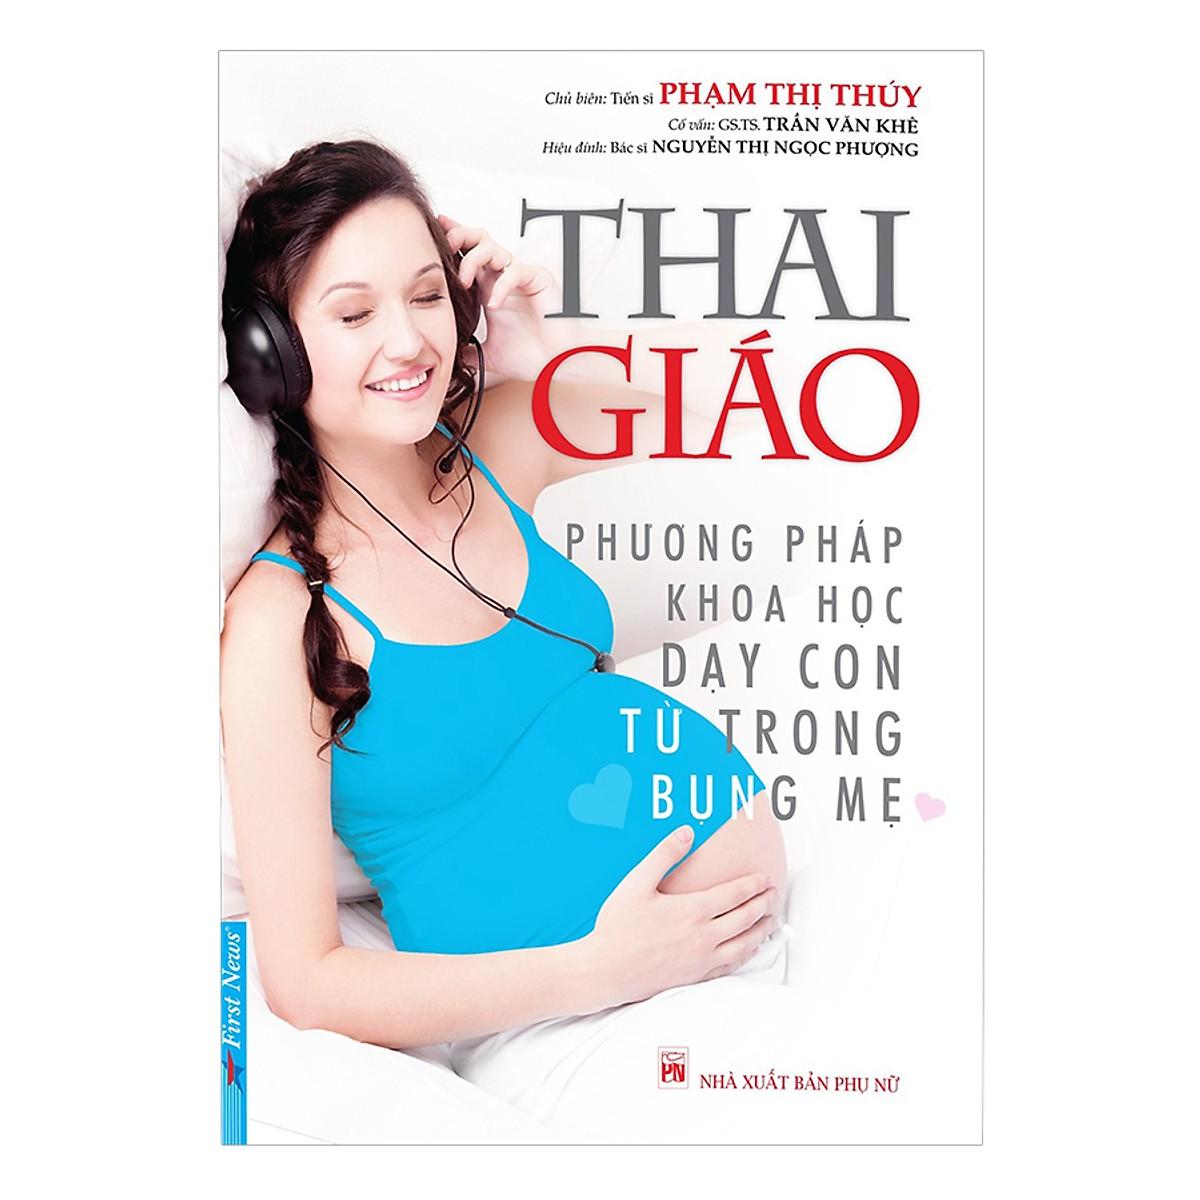 Thai giáo – Phương pháp khoa học dạy con trong bụng mẹ